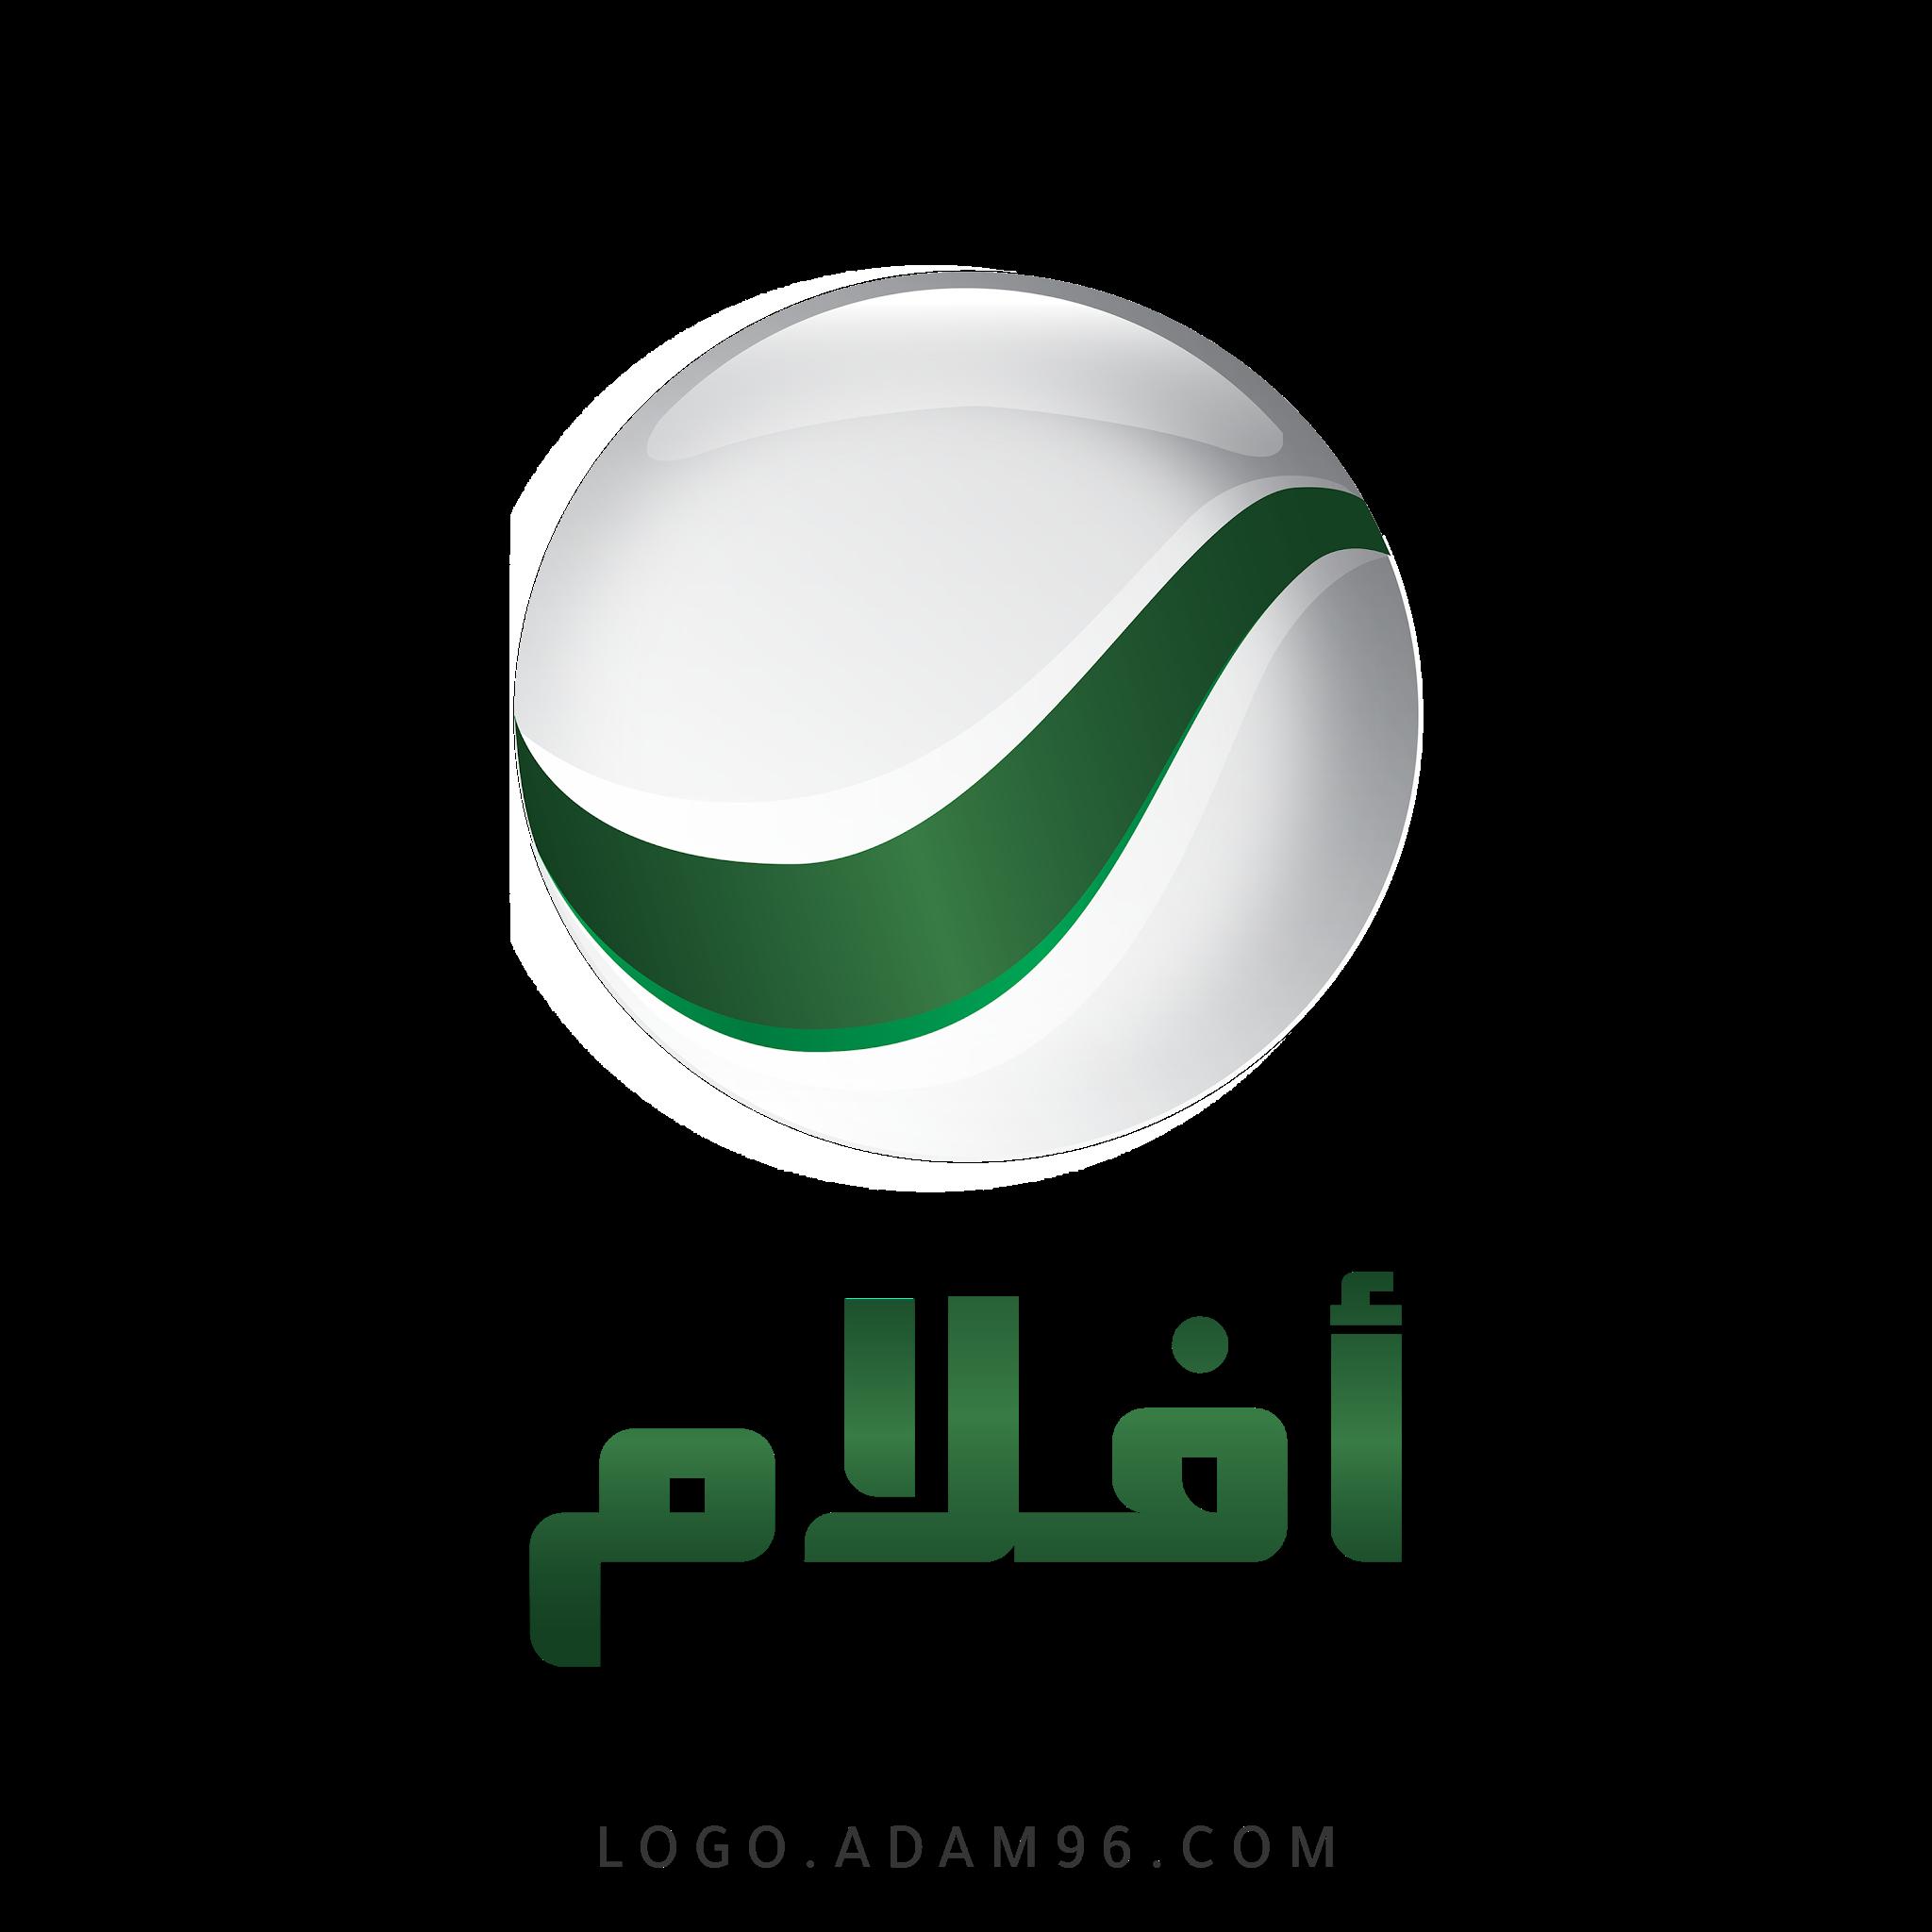 تحميل شعار قناة روتانا افلام لوجو رسمي عالي الجودة PNG